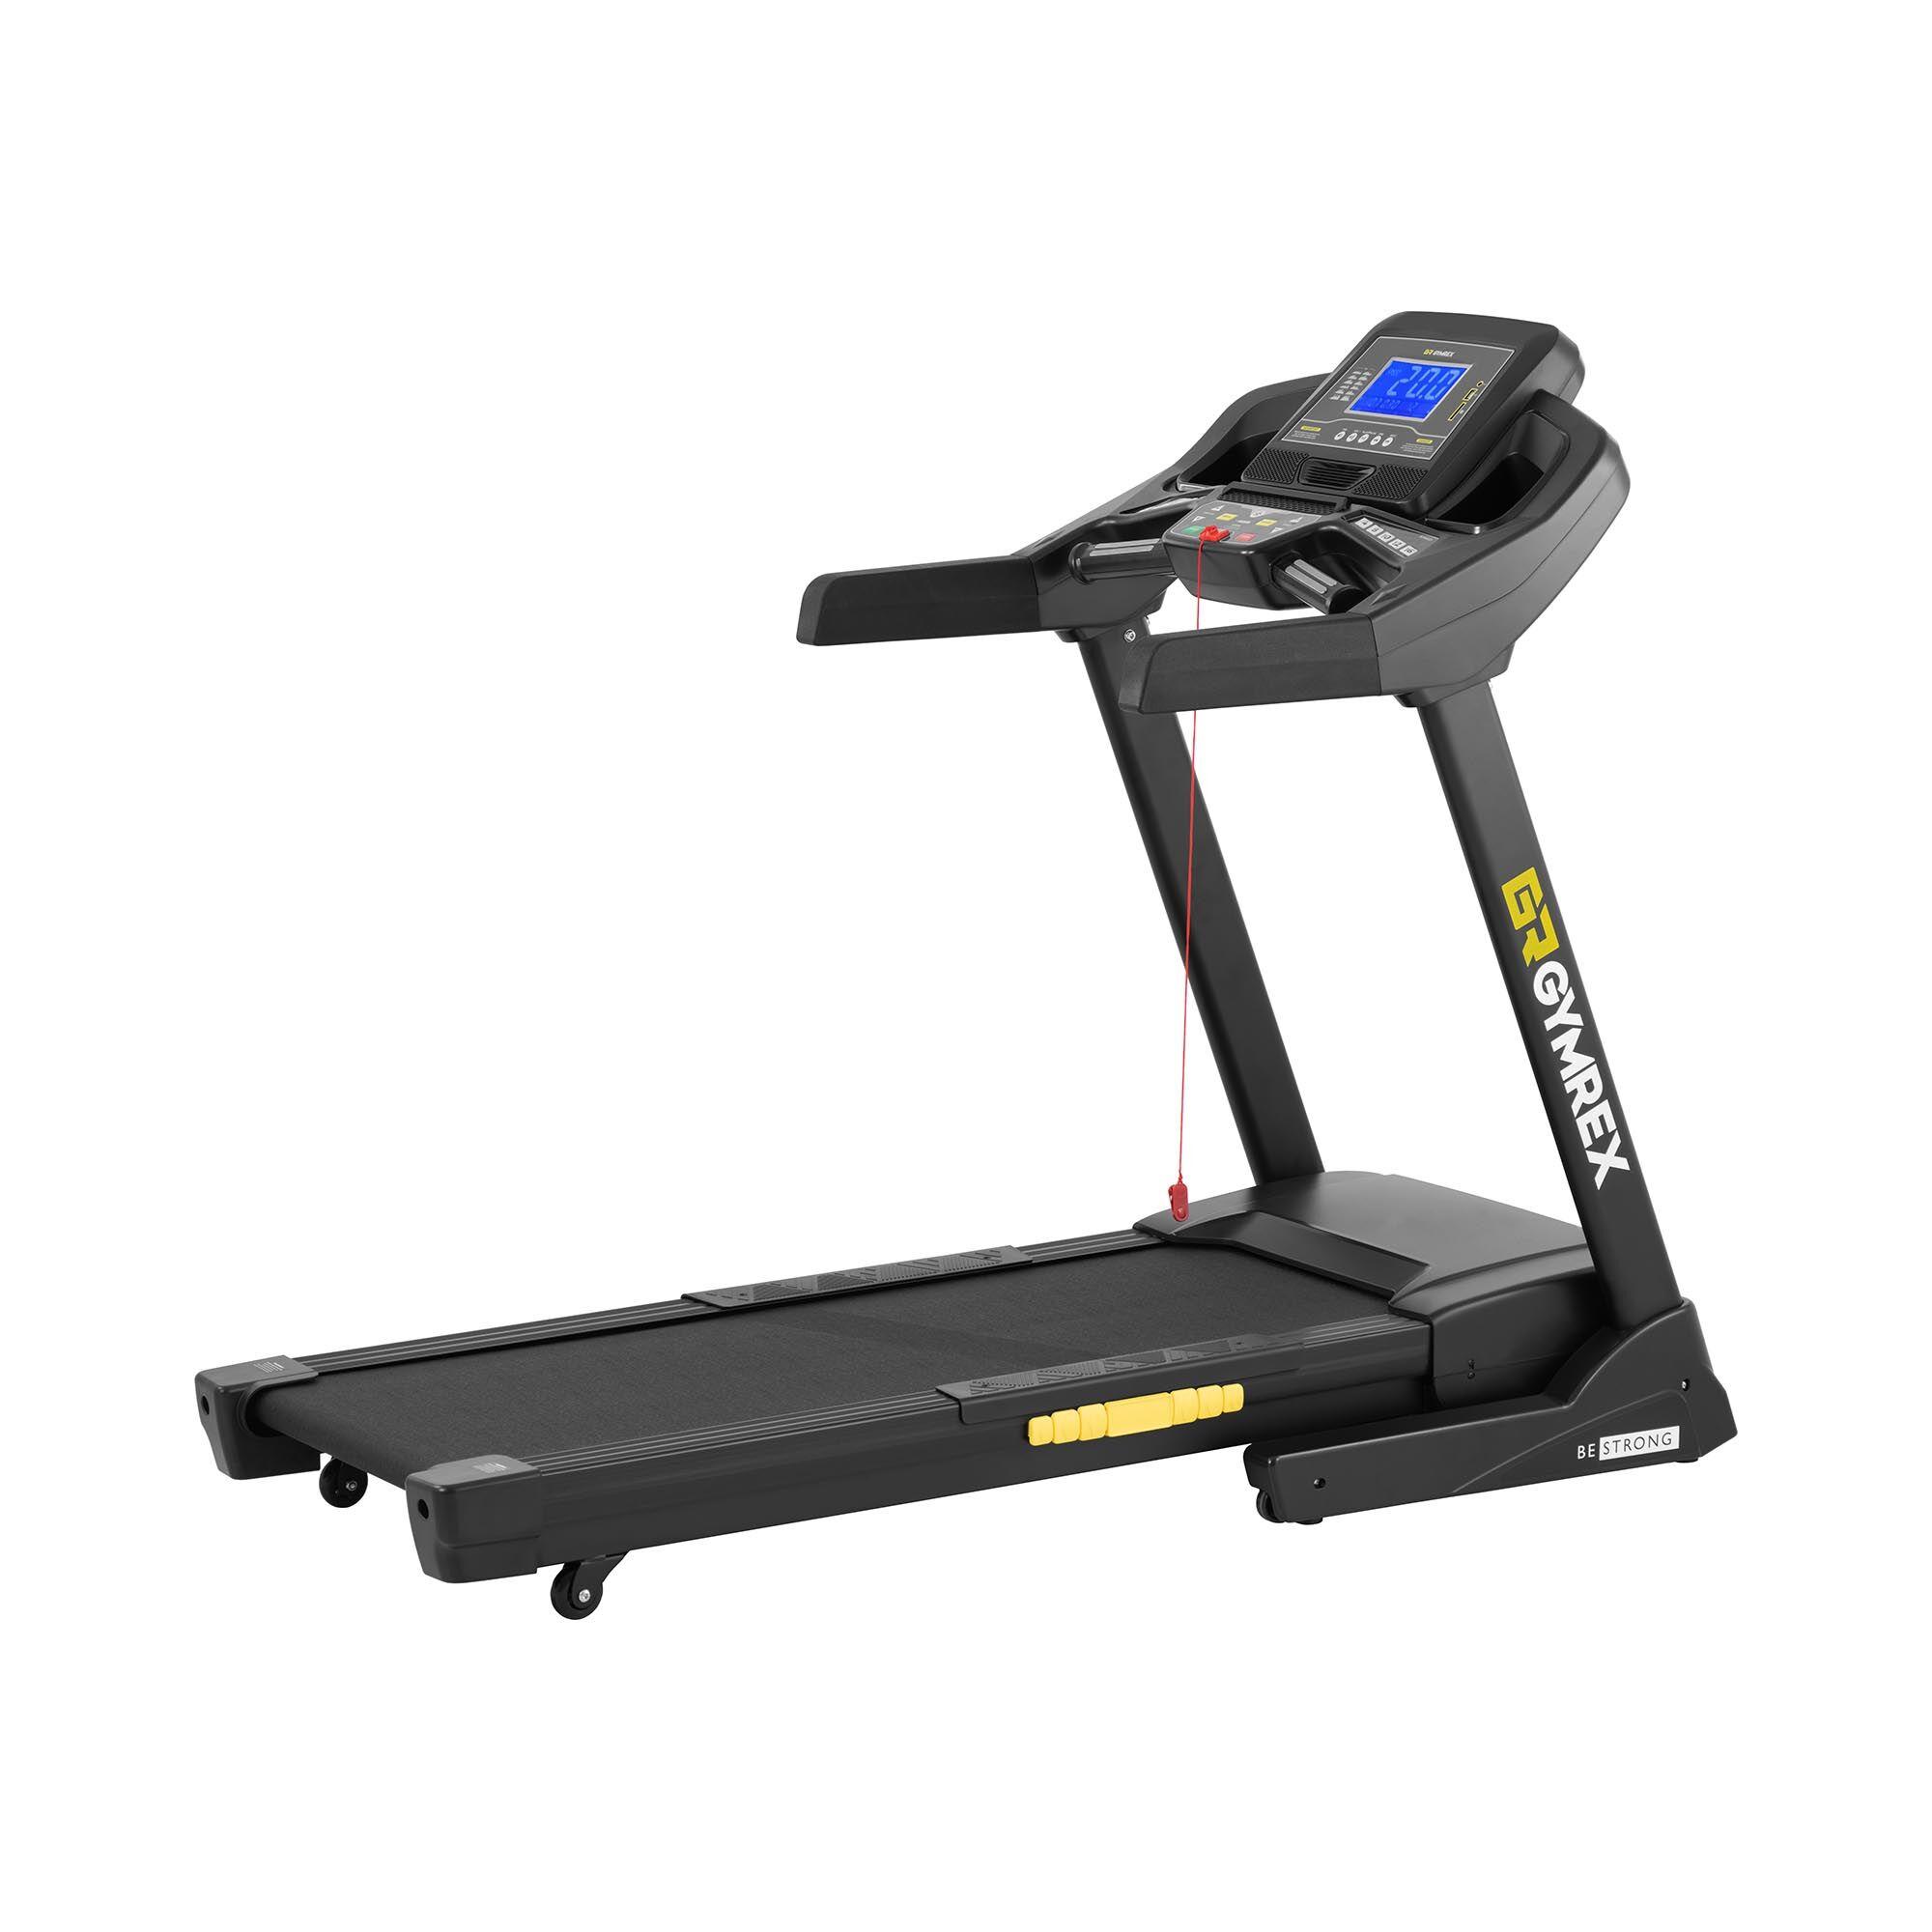 gymrex tapis roulant pieghevole - 1,837 w - 1 - 20 km/h - 150 kg - 12 programmi gr-mg76